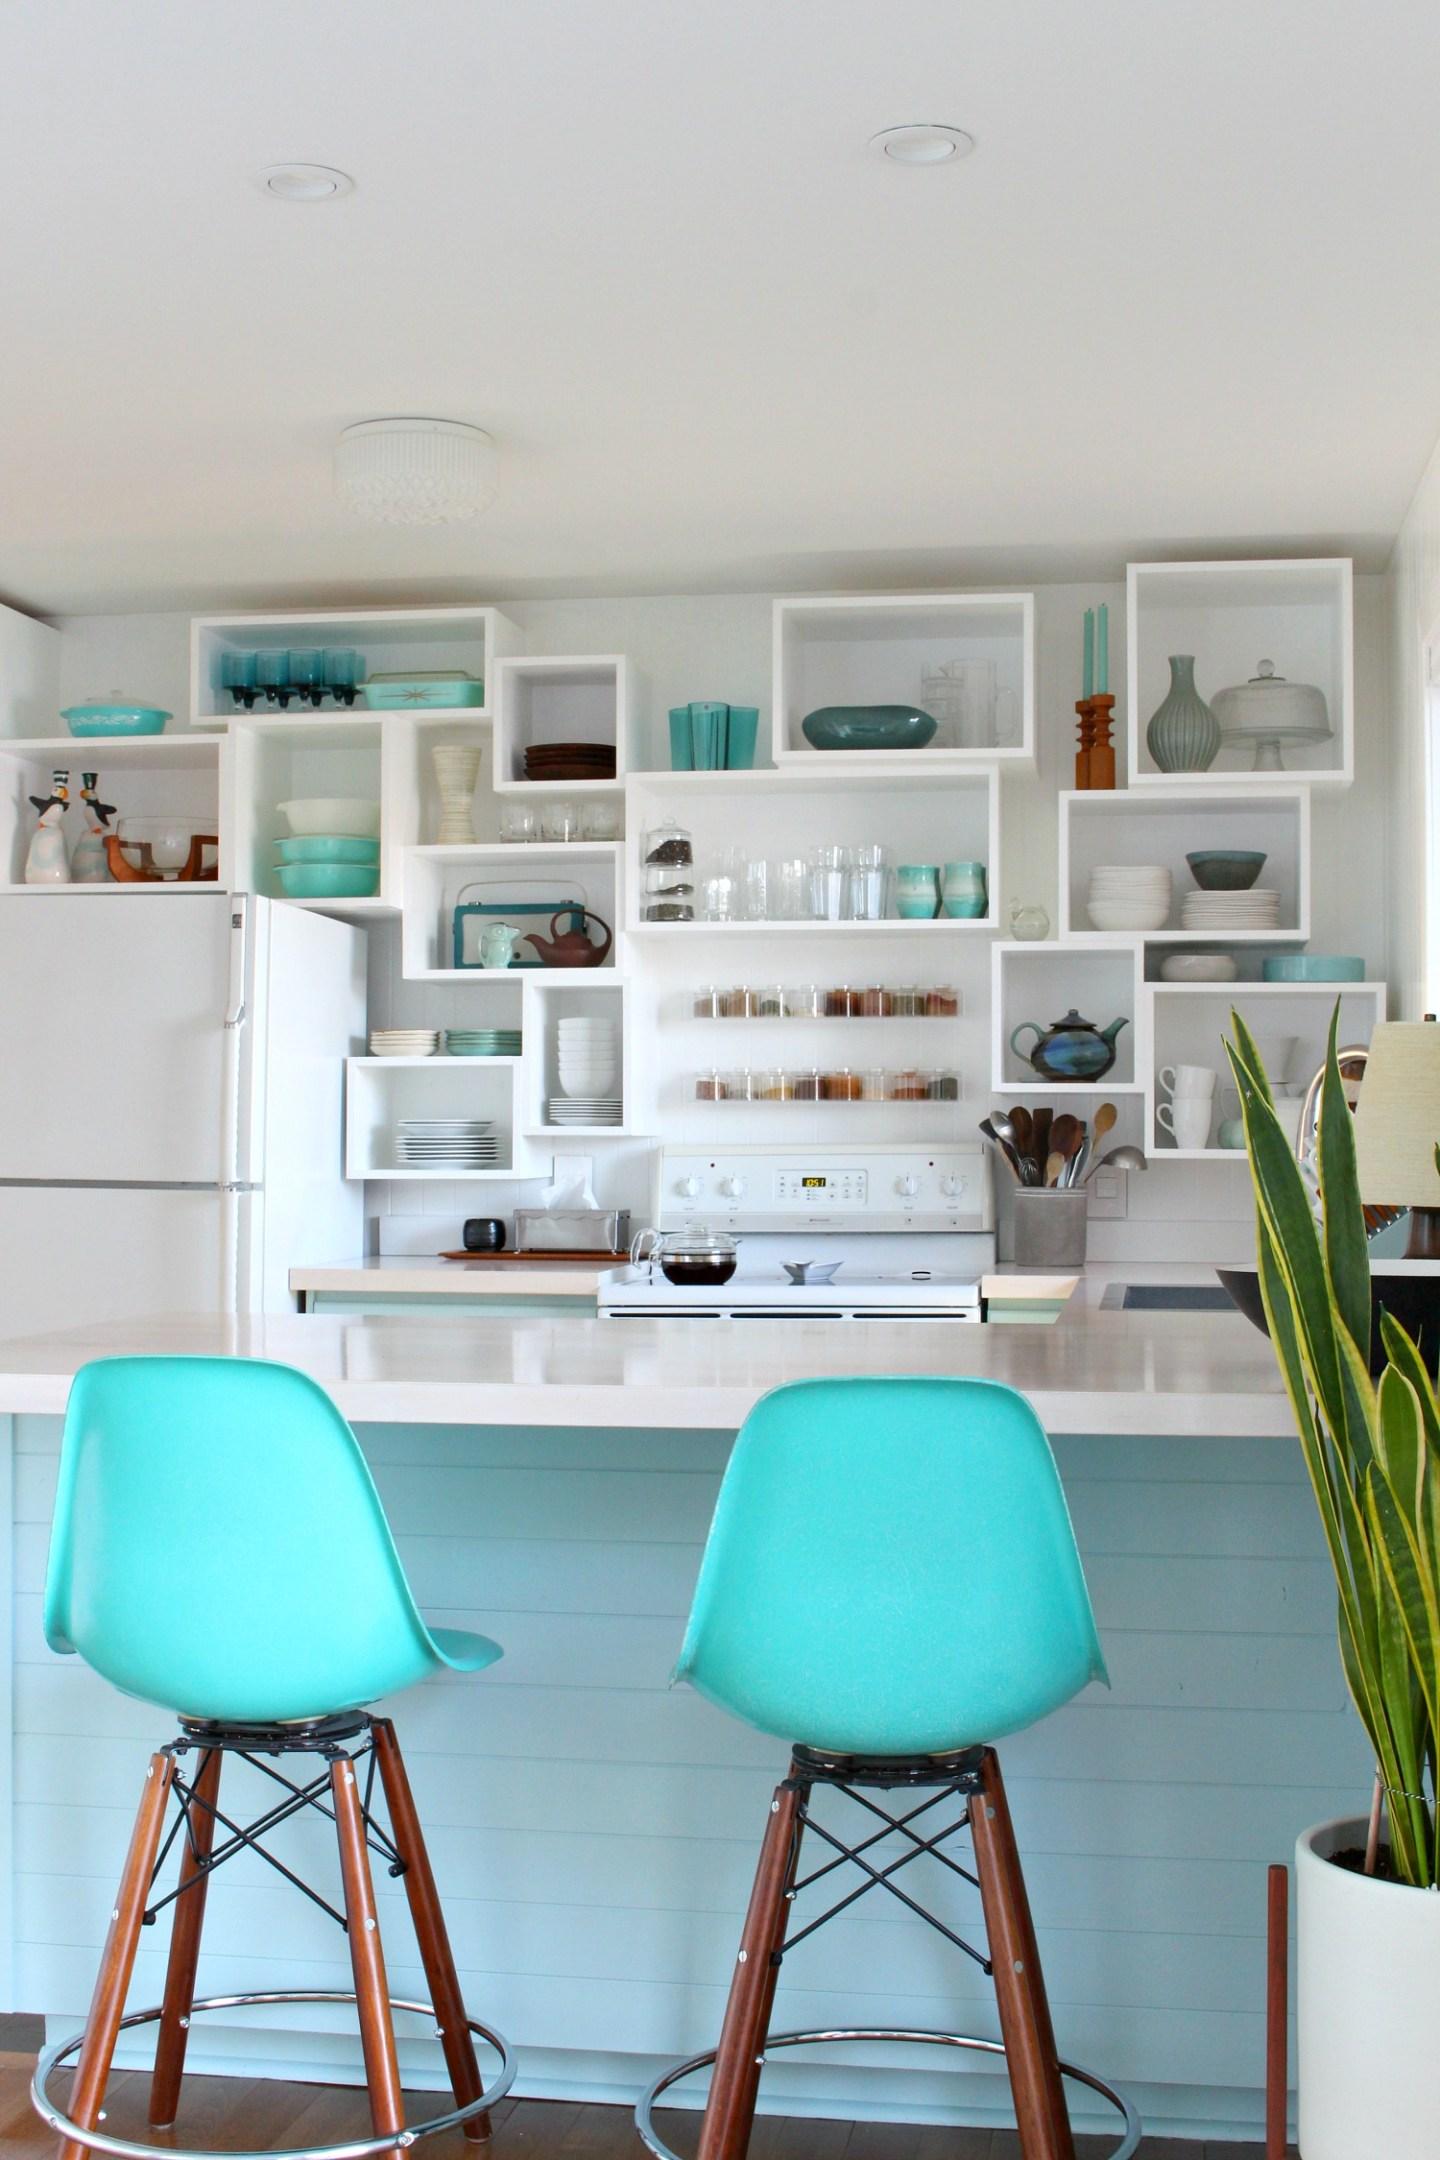 Soft Aqua Kitchen Cabinets